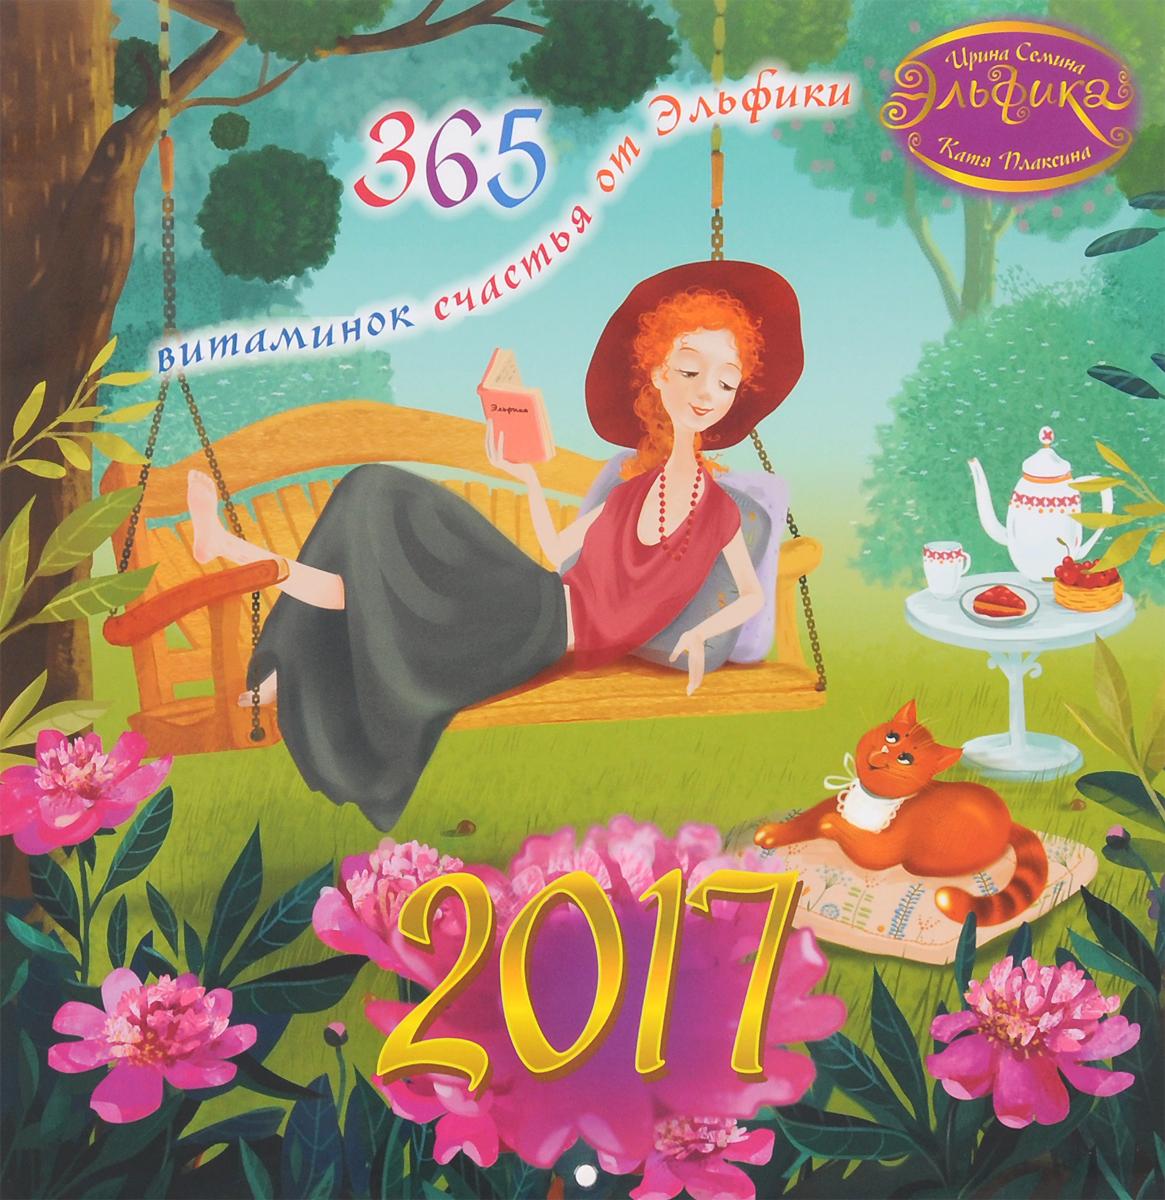 Календарь 2017 год (на скрепке). 365 витаминок счастья от Эльфики